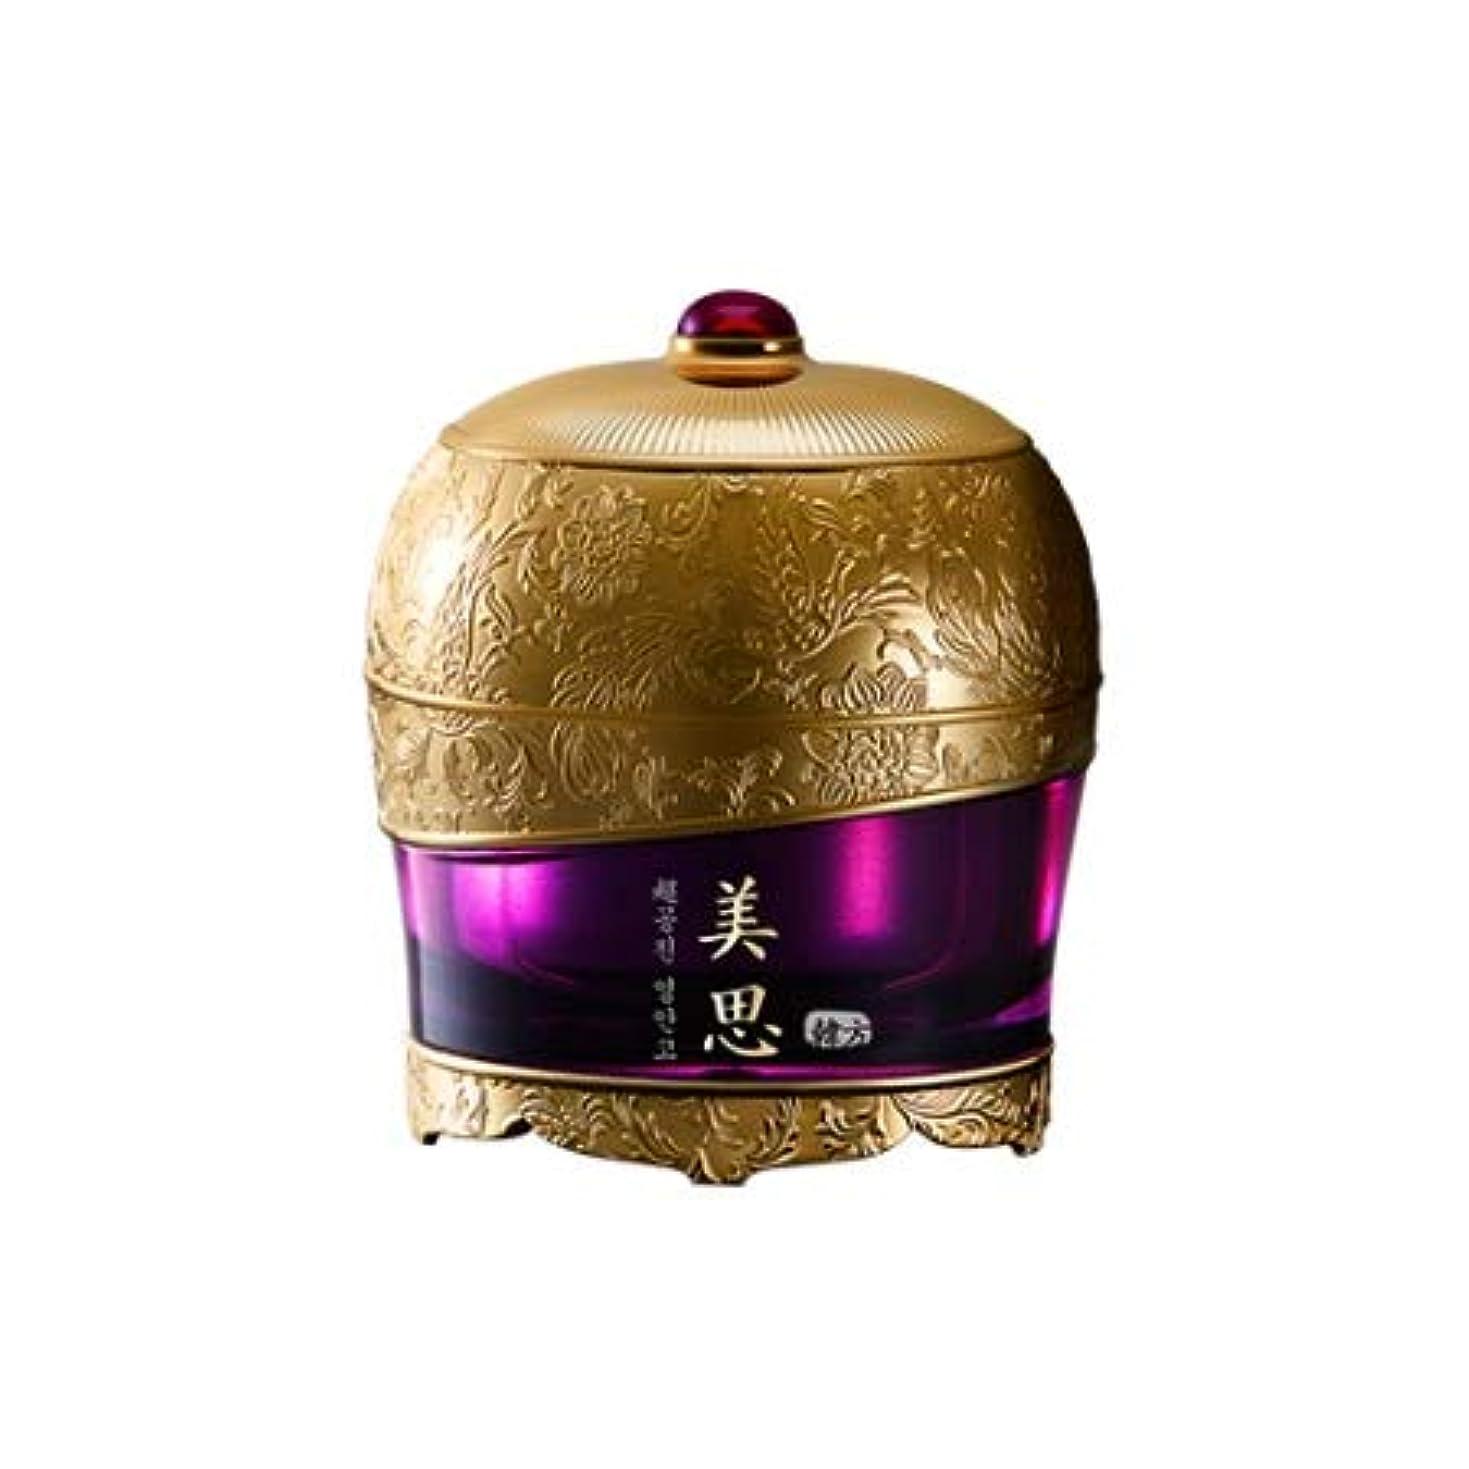 居住者キルスエールMISSHA Chogongjin Premium cream ミシャ美思超拱辰(チョゴンジン) 永安膏 クリーム クリーム 60ml [並行輸入品]